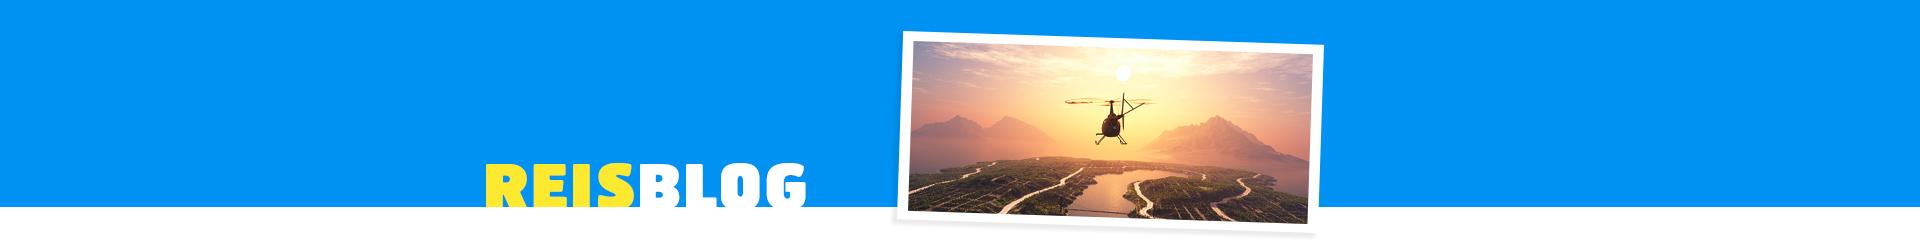 Vliegtuig over een prachtig landschap